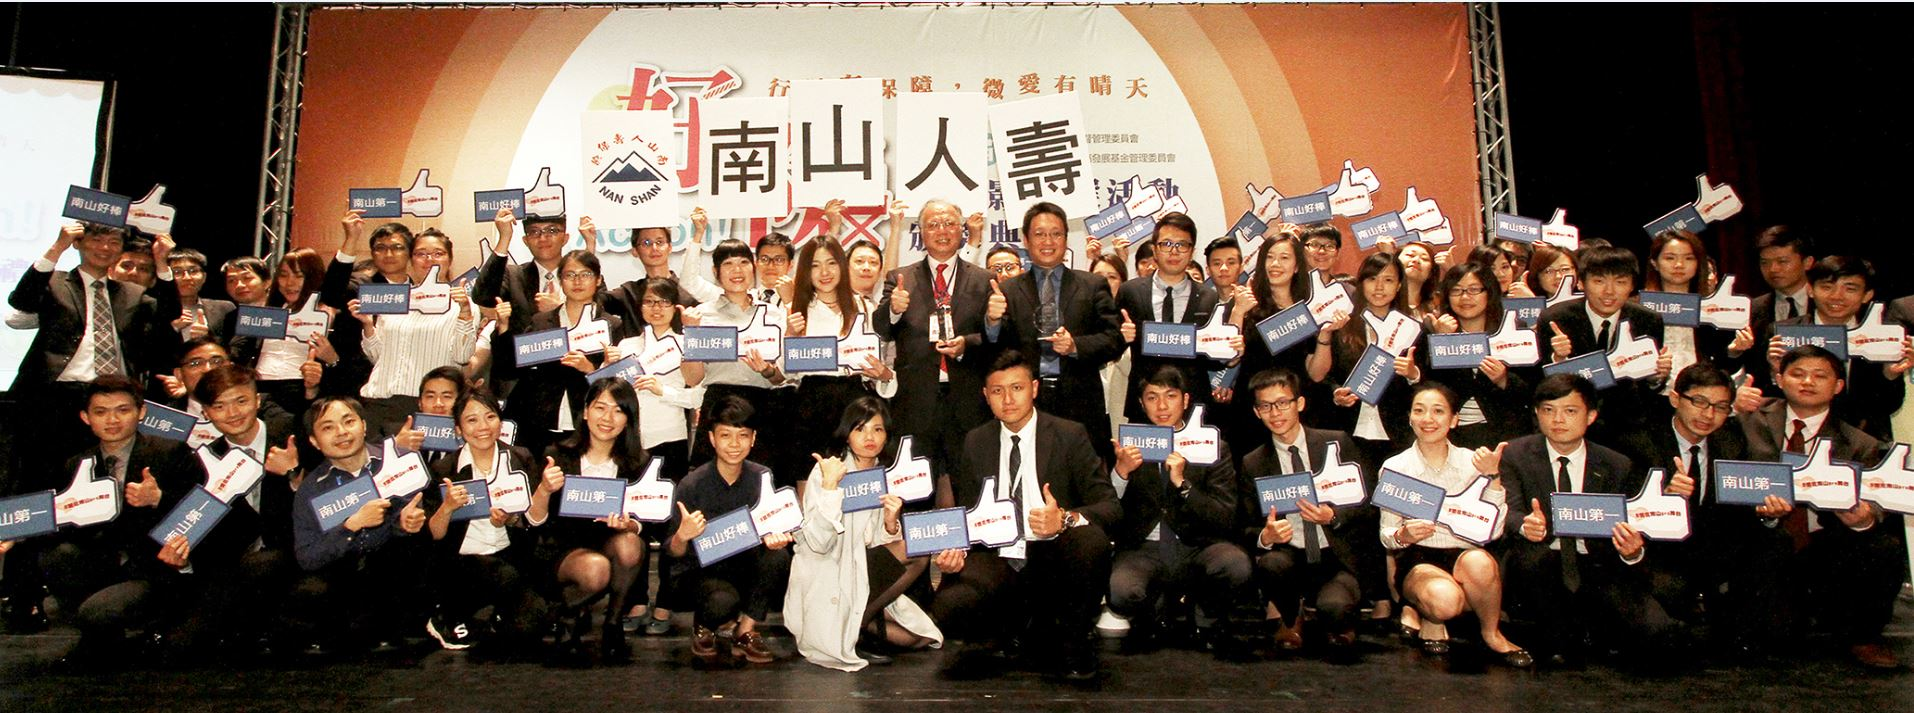 南山人壽獲「好險Action!微電影徵選活動」雙料冠軍